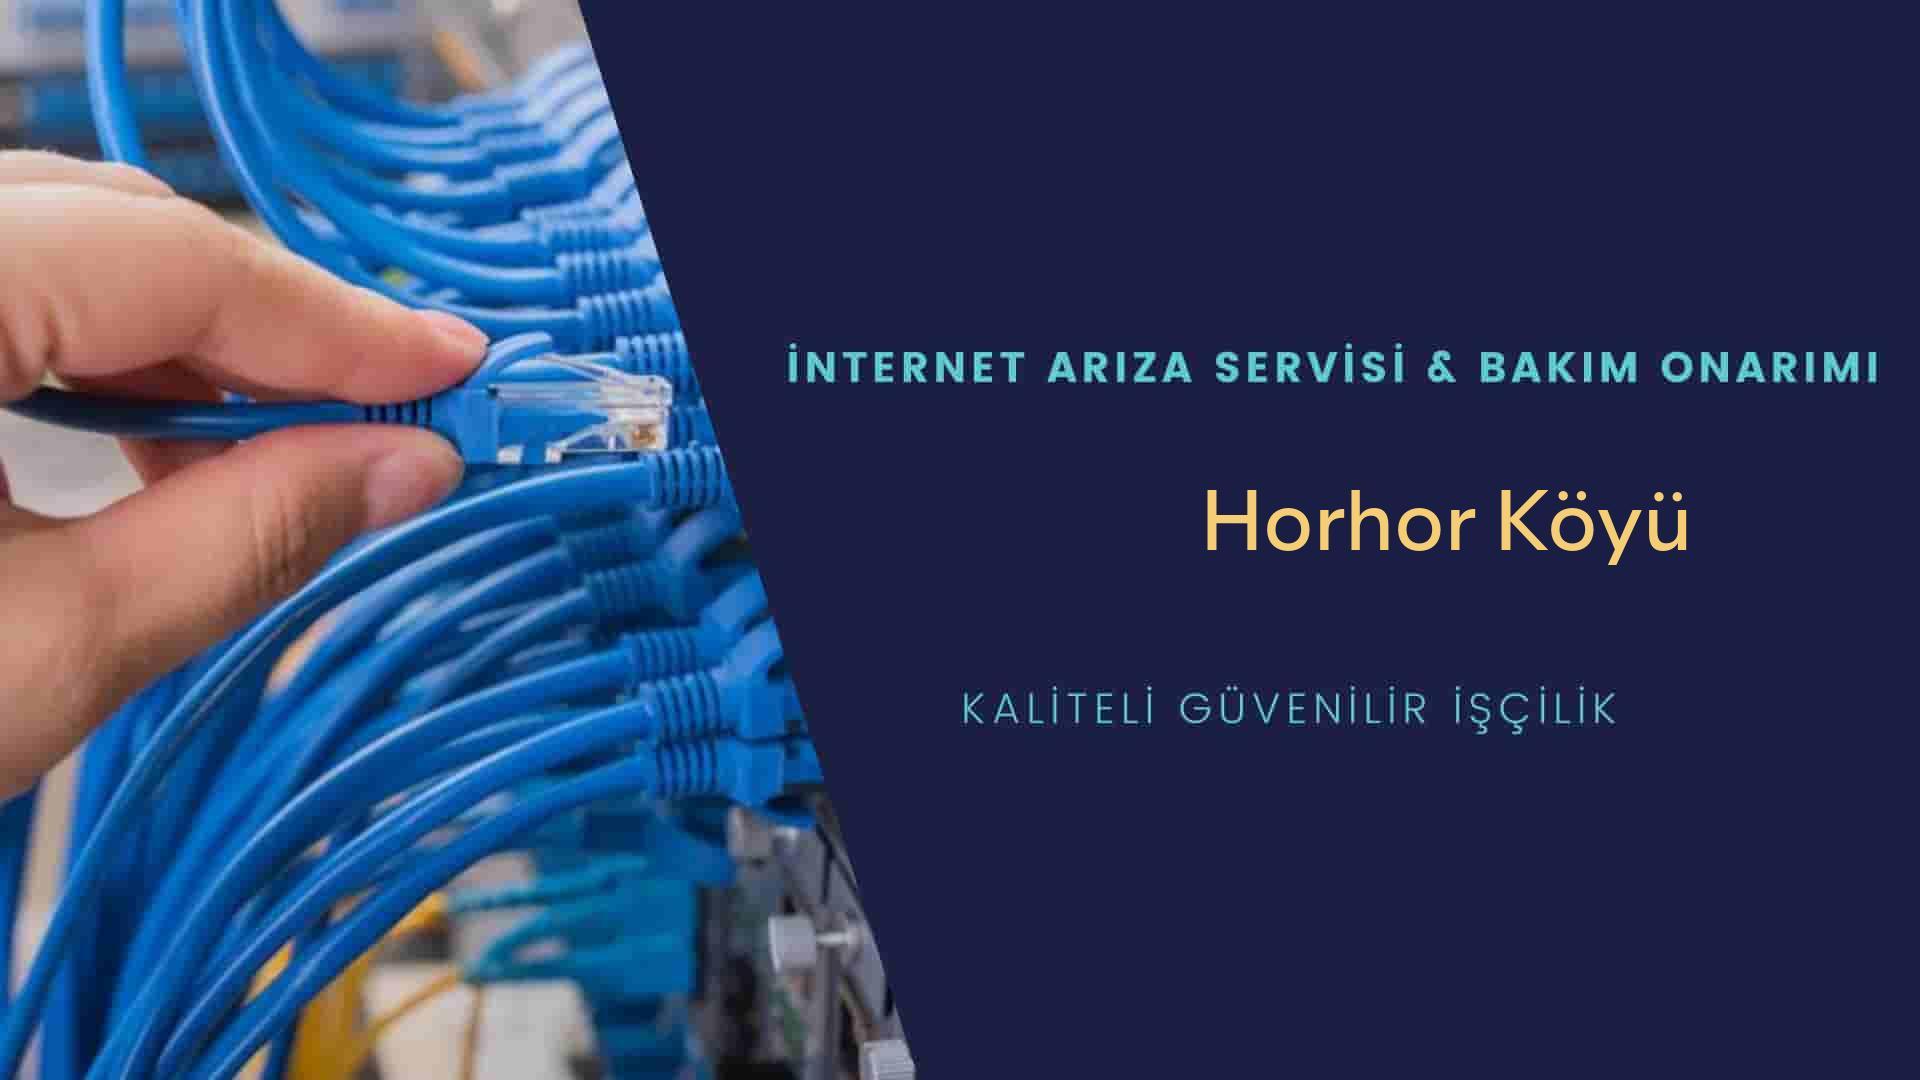 Horhor Köyü internet kablosu çekimi yapan yerler veya elektrikçiler mi? arıyorsunuz doğru yerdesiniz o zaman sizlere 7/24 yardımcı olacak profesyonel ustalarımız bir telefon kadar yakındır size.